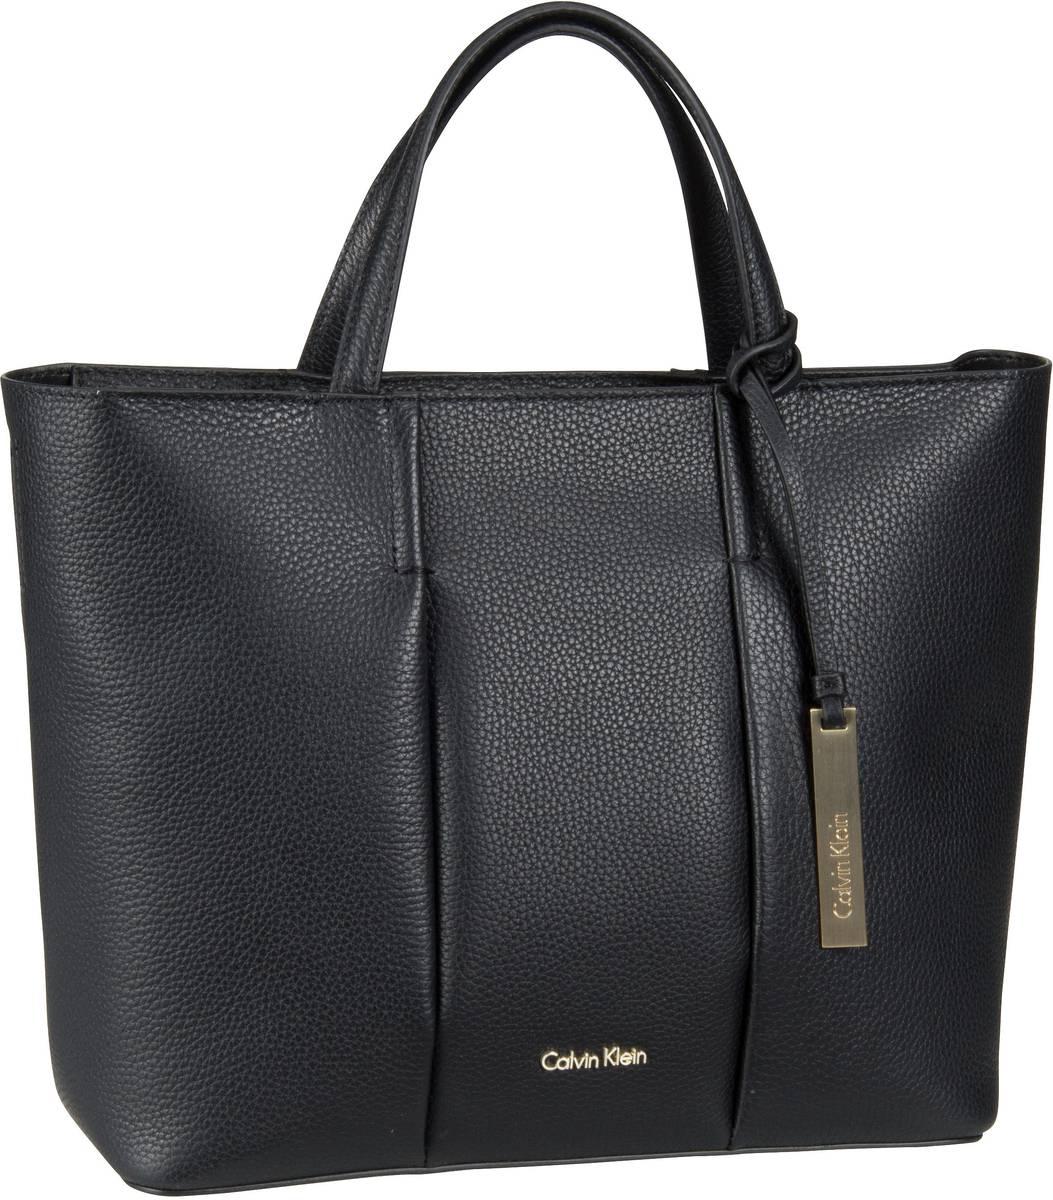 Handtasche Cosmopolitan Medium Tote Black